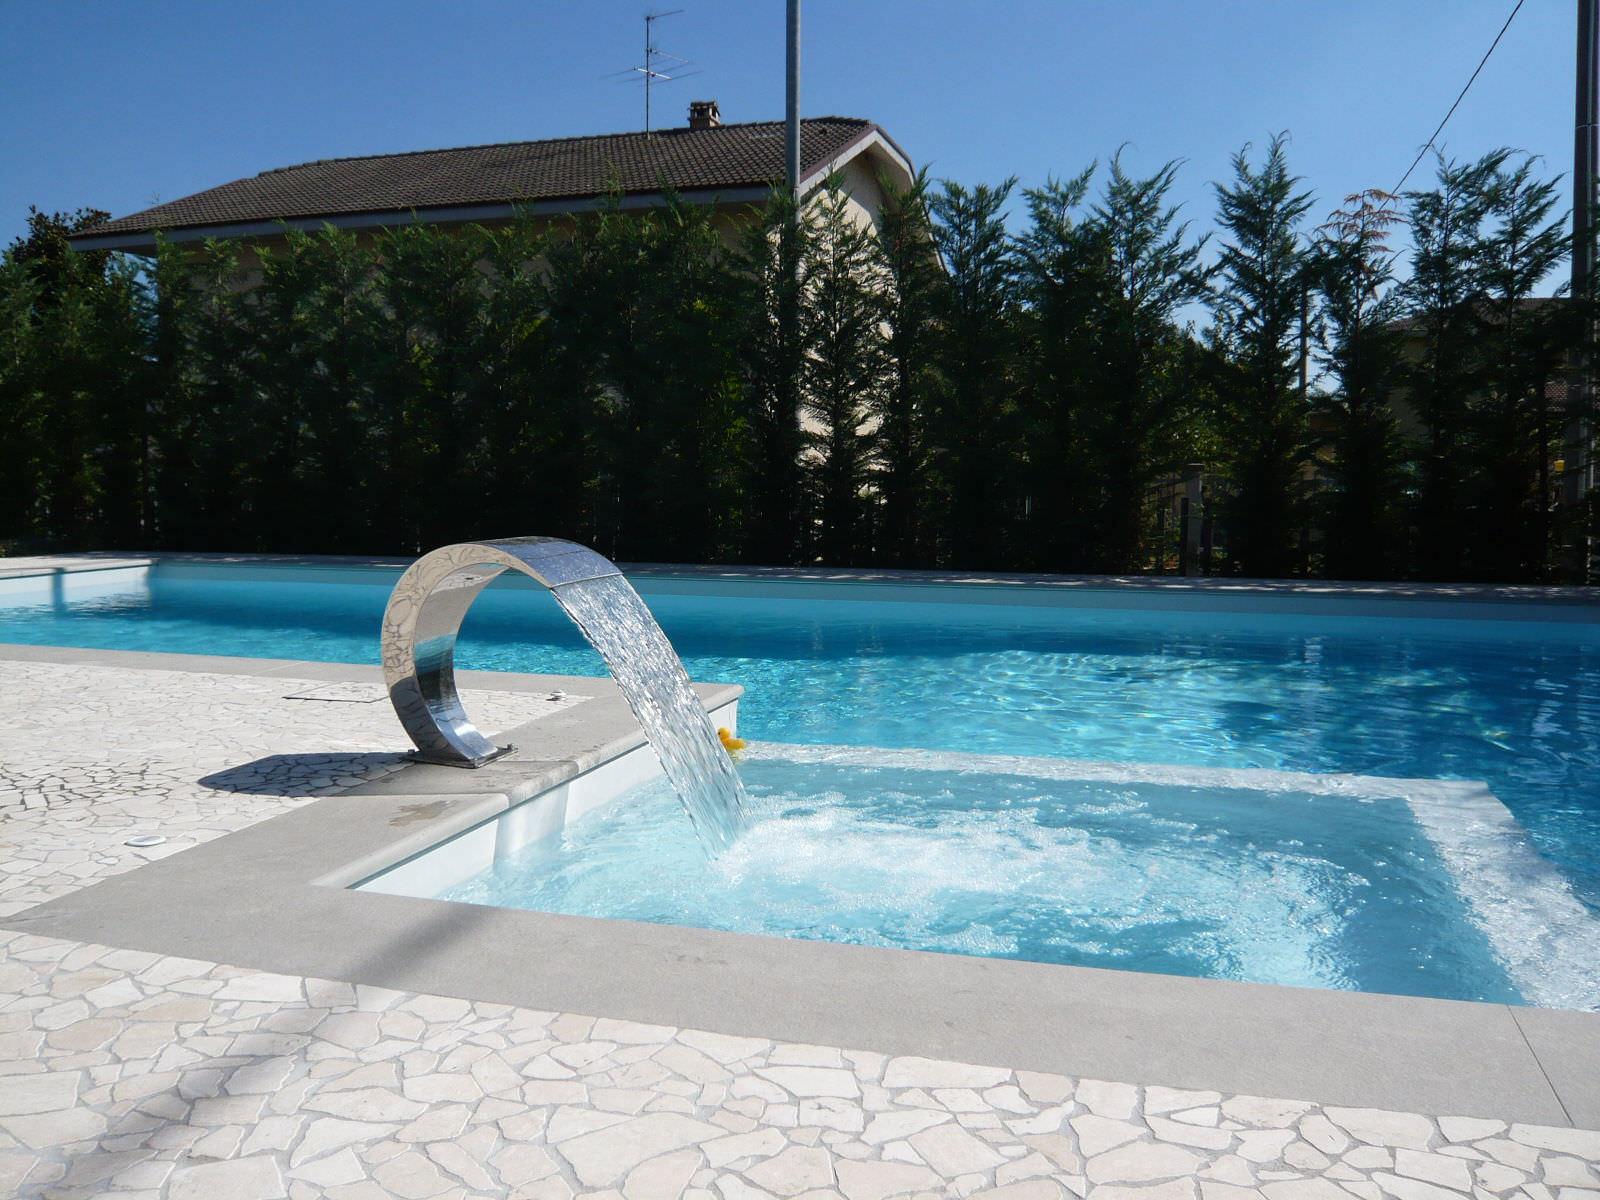 Pool Fountain - Edilfare Piscine serapportantà Piscine De Fontaine